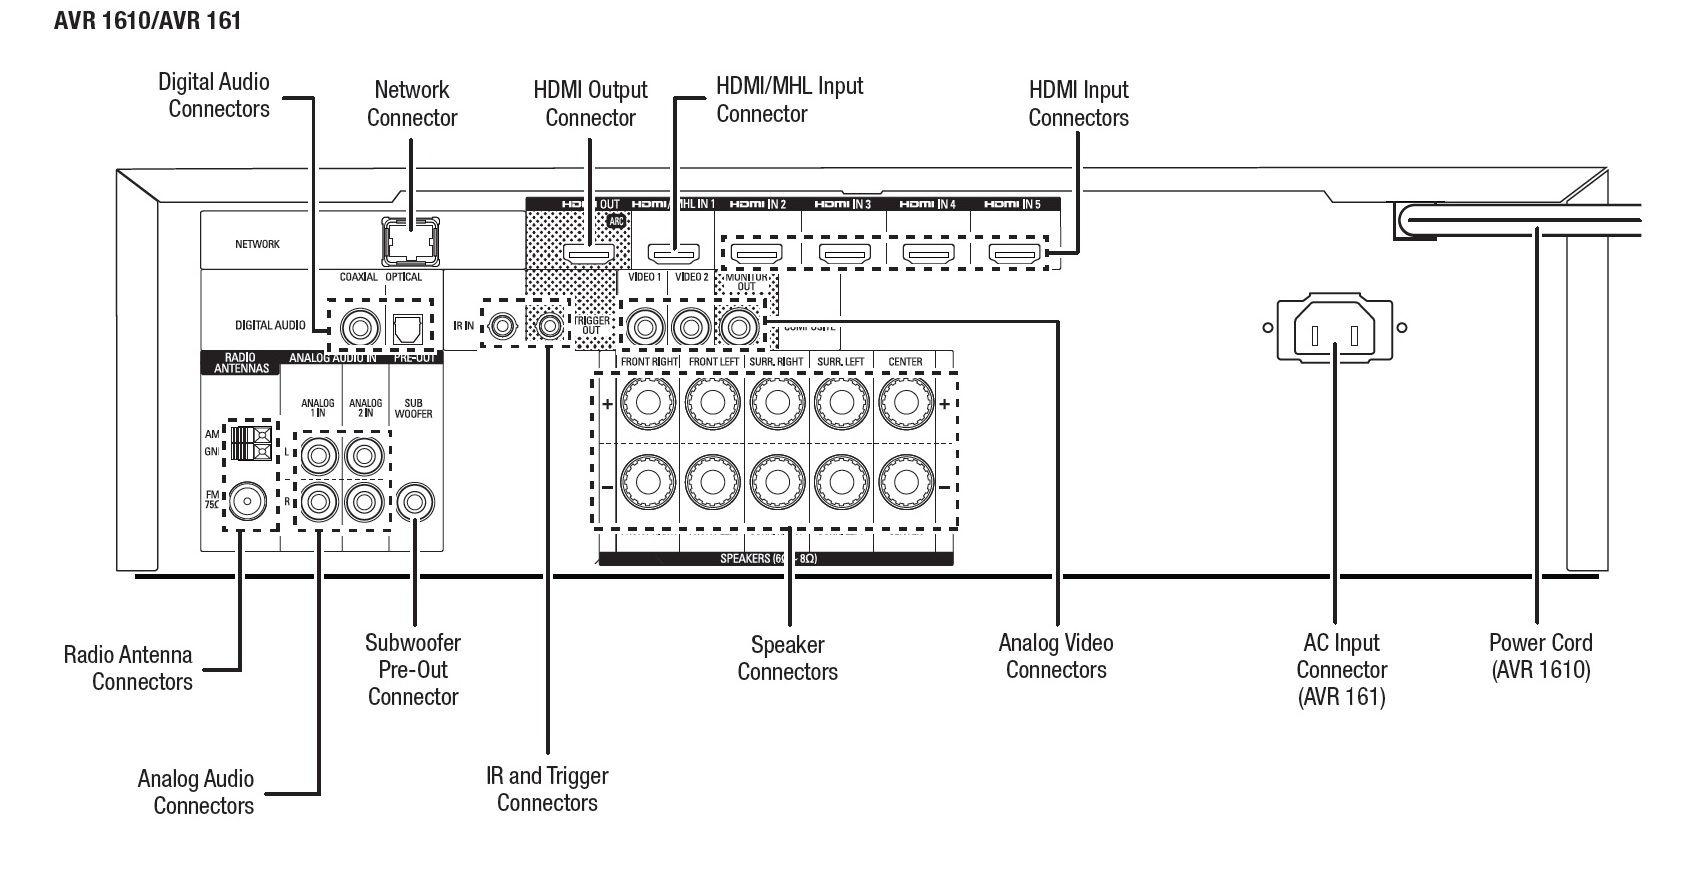 harman/kardon HKTS 35BQ с AVR 161 ресивър - 9